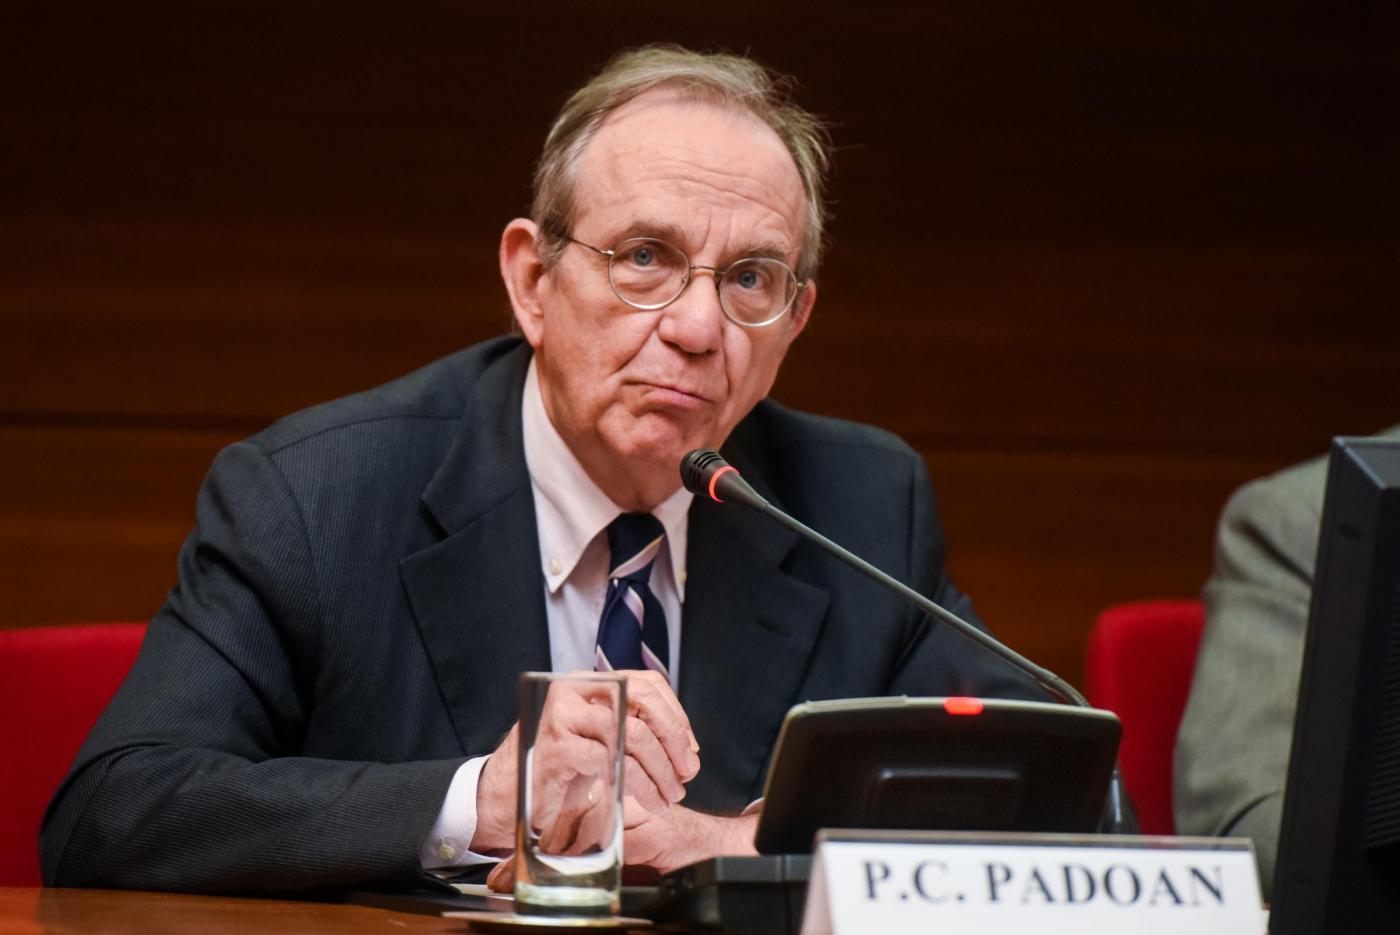 Pensioni, Padoan: 'C'è spazio per considerare miglioramento del sistema'